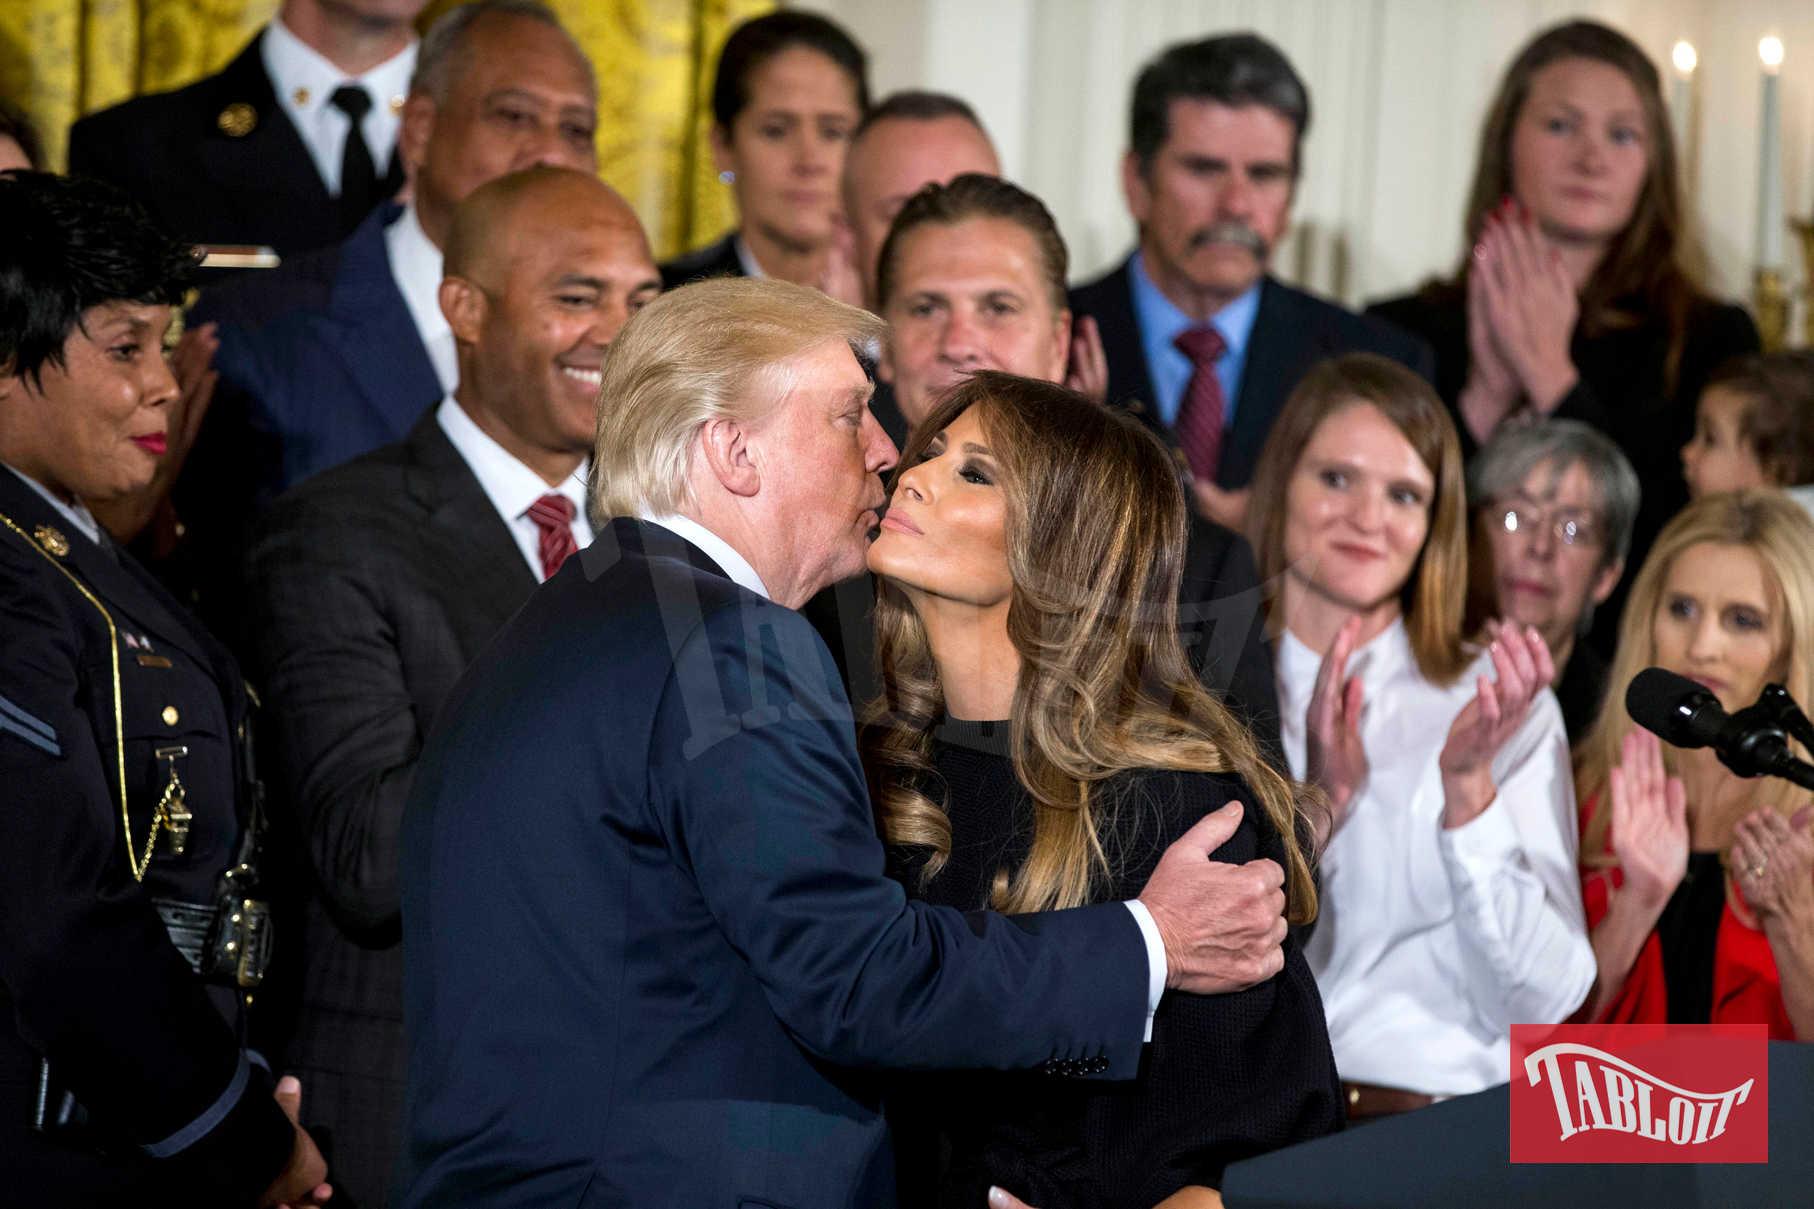 Da quando si sono insediati alla Casa Bianca, Donald e Melania Trump non hanno dato l'impressione di essere una coppia molto affiatata. Sorrisi tirati, baci sfuggenti e solo a favore di camera. Atteggiamenti ben diversi da quelli affettuosi di Barack Obama e Michelle